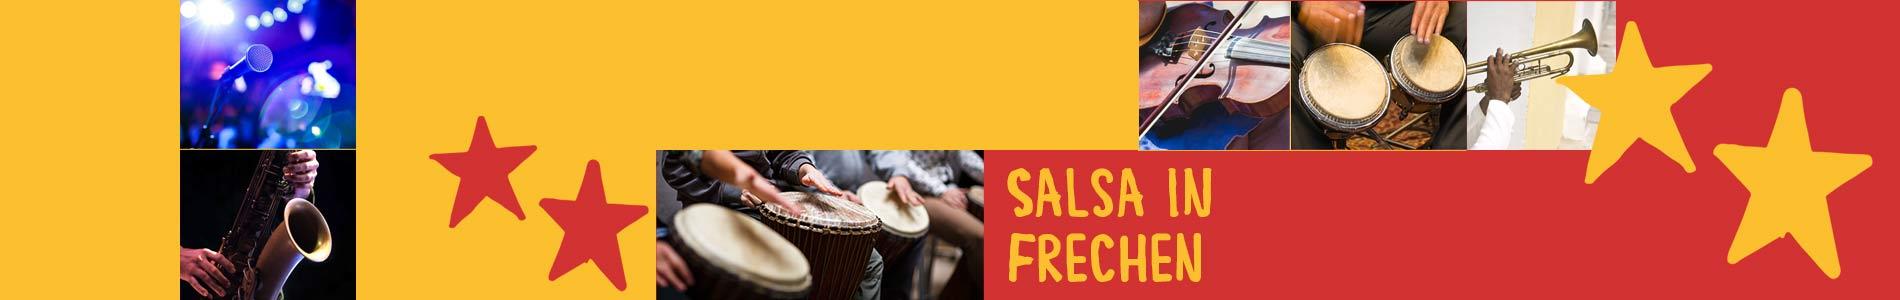 Salsa in Frechen – Salsa lernen und tanzen, Tanzkurse, Partys, Veranstaltungen